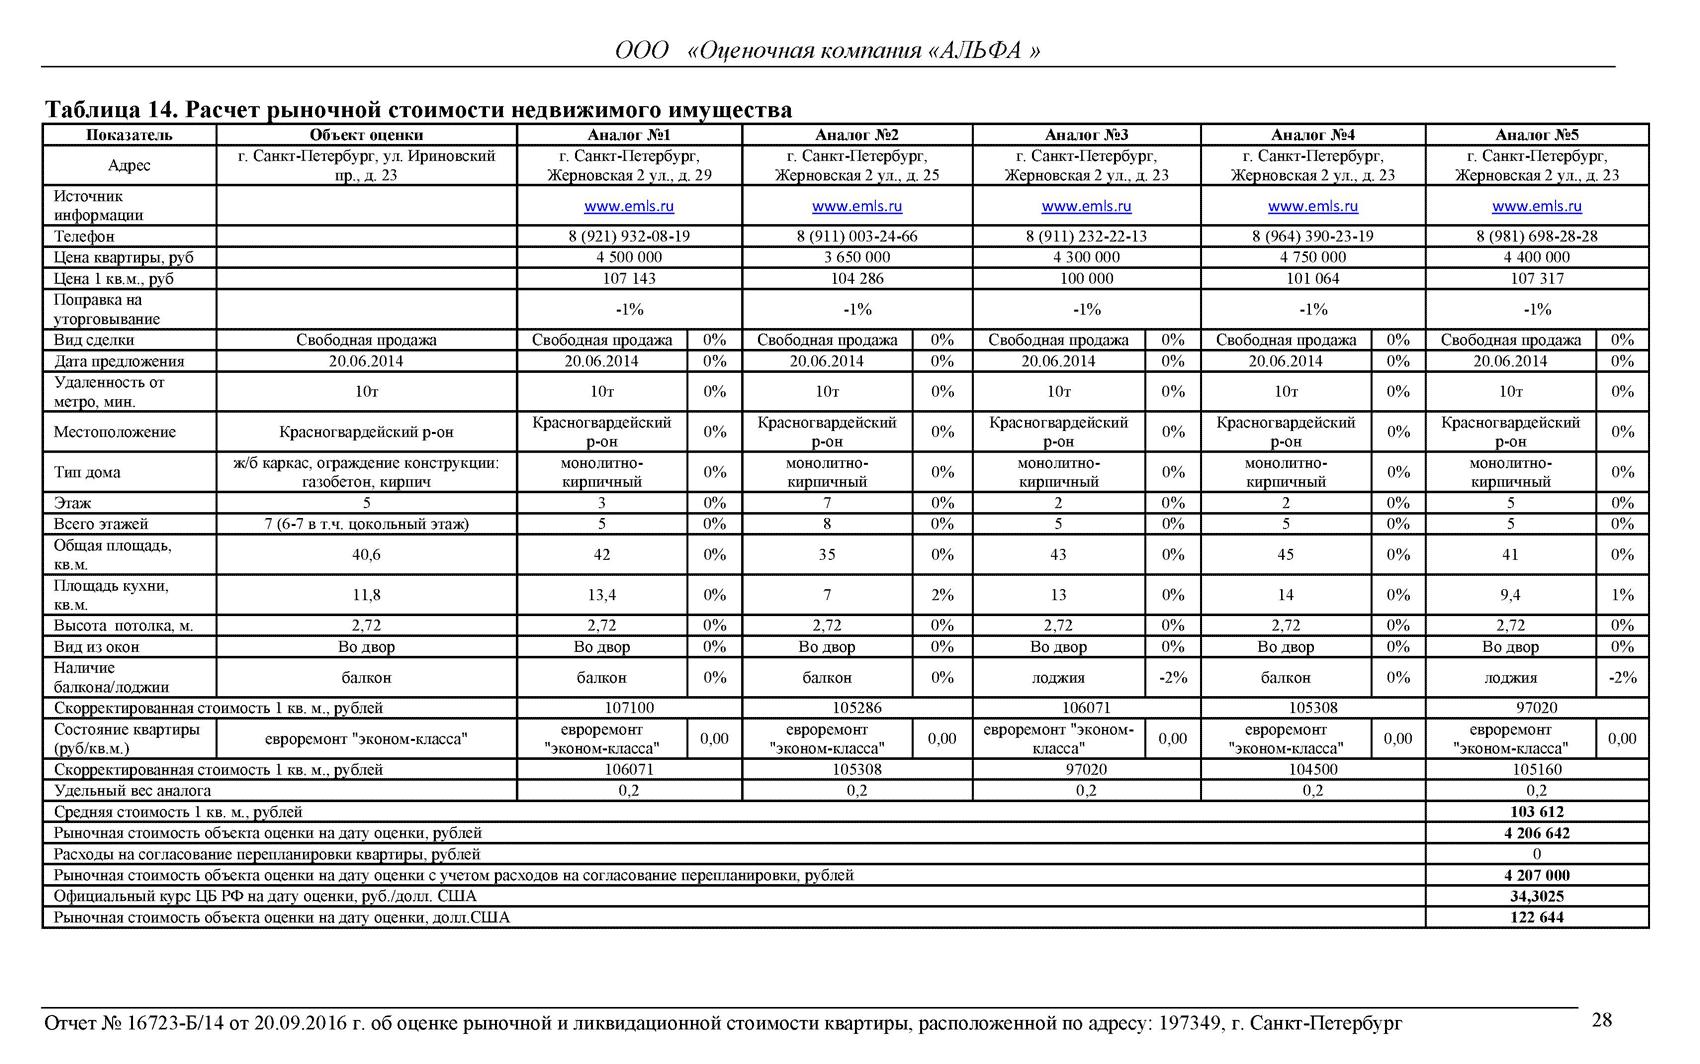 Фрагмент отчета, в котором оценщик сравнивает несколько квартир